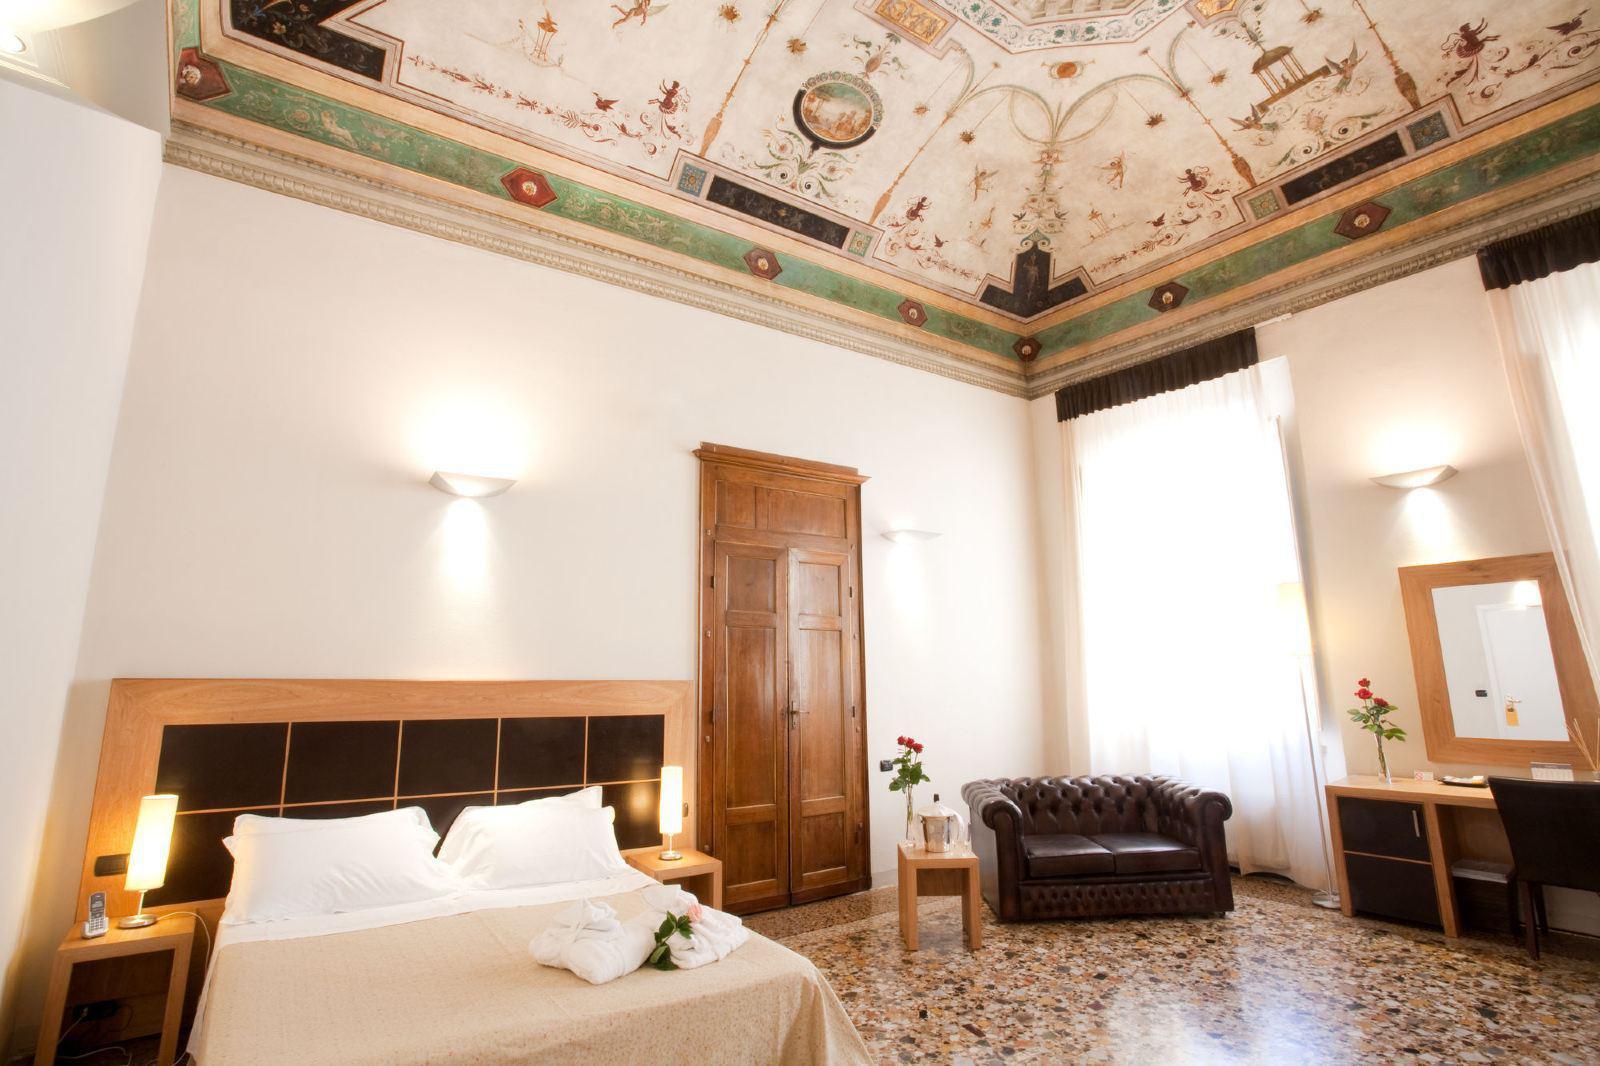 Palazzo Galletti Abbiosi Hotel Di Ravenna Skyscanner